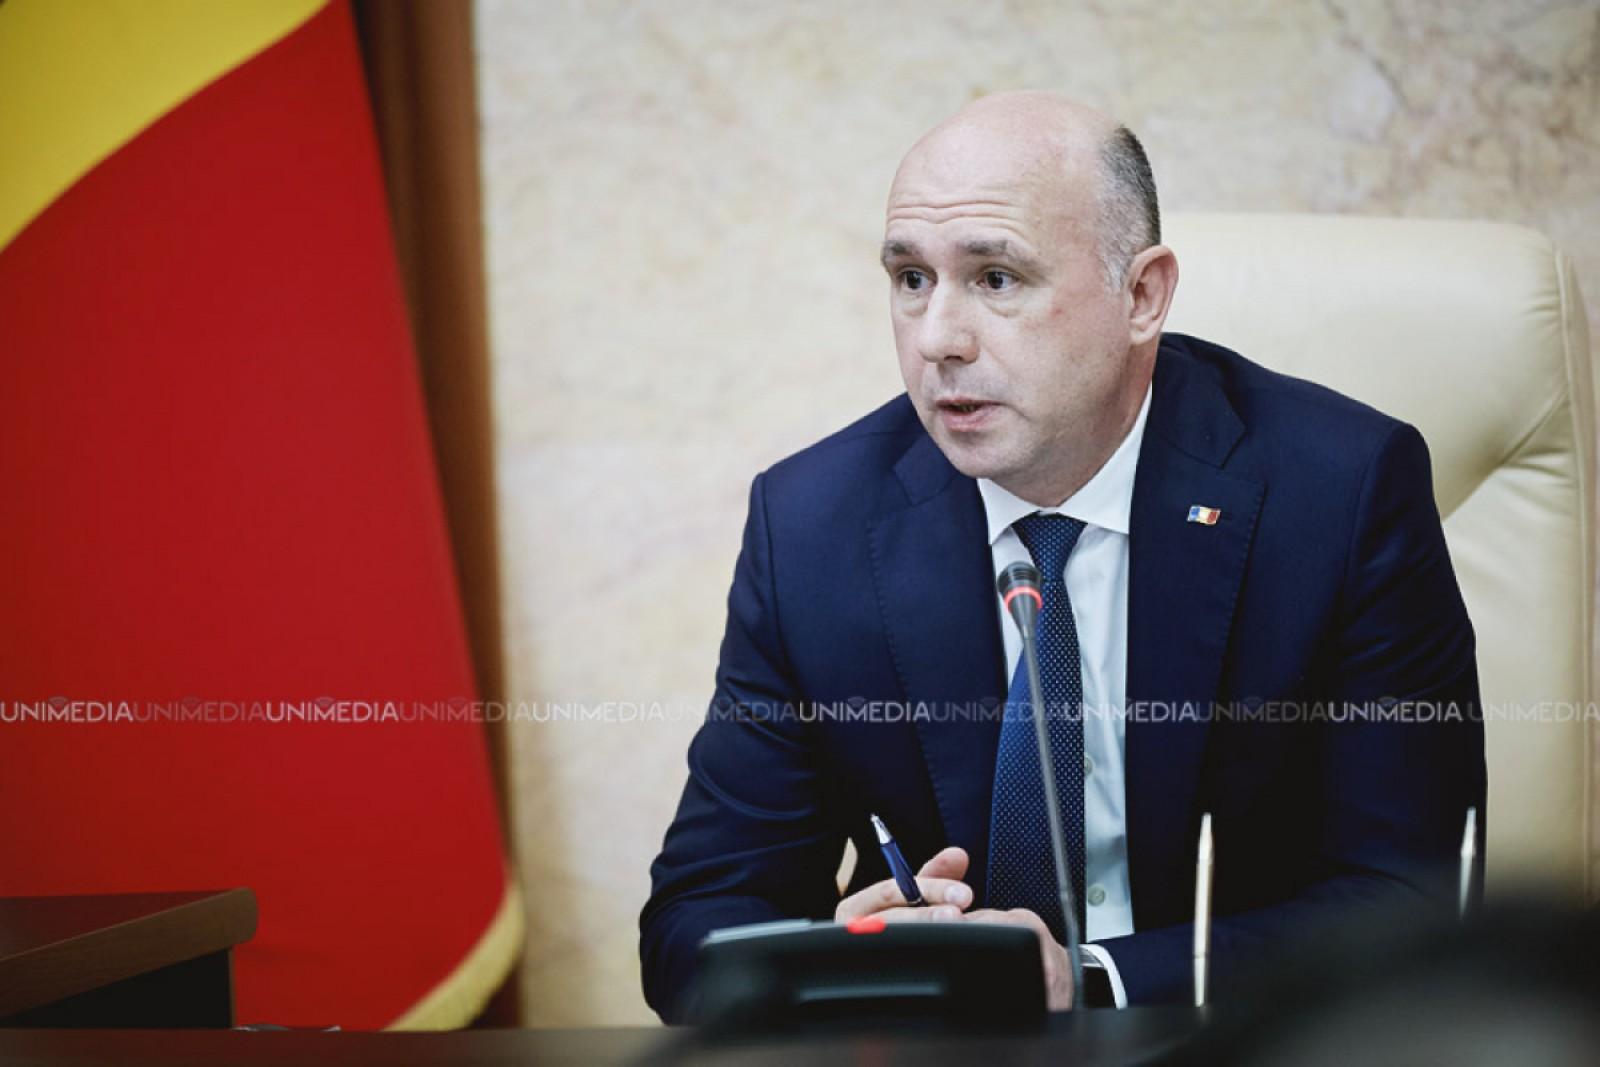 Pavel Filip propune amânarea proiectului privind decriminalizarea unor infracțiuni economice, după o discuție cu Ambasadorul UE